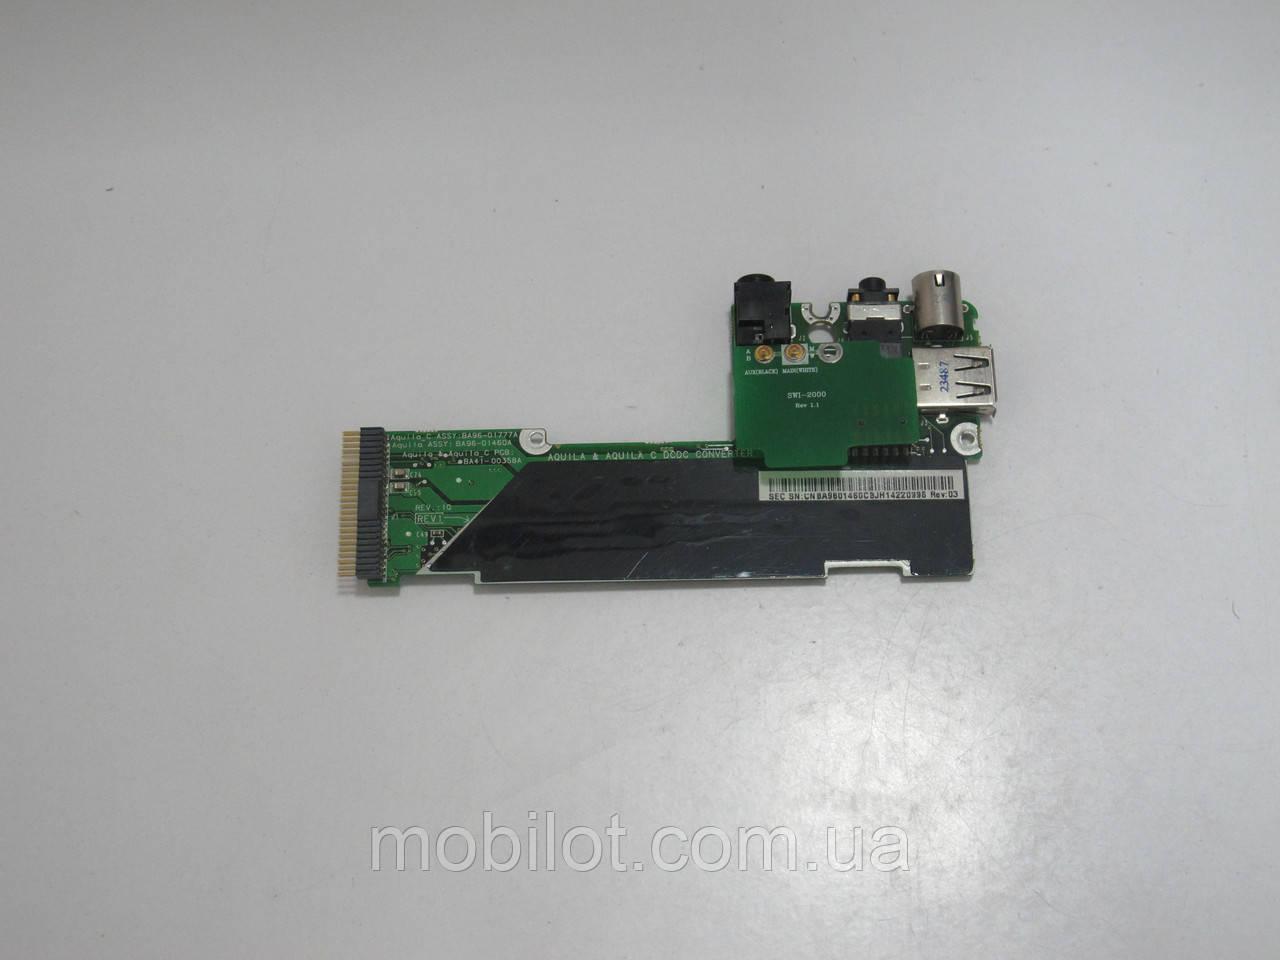 Гнездо зарядки Samsung X10 (NZ-6378)